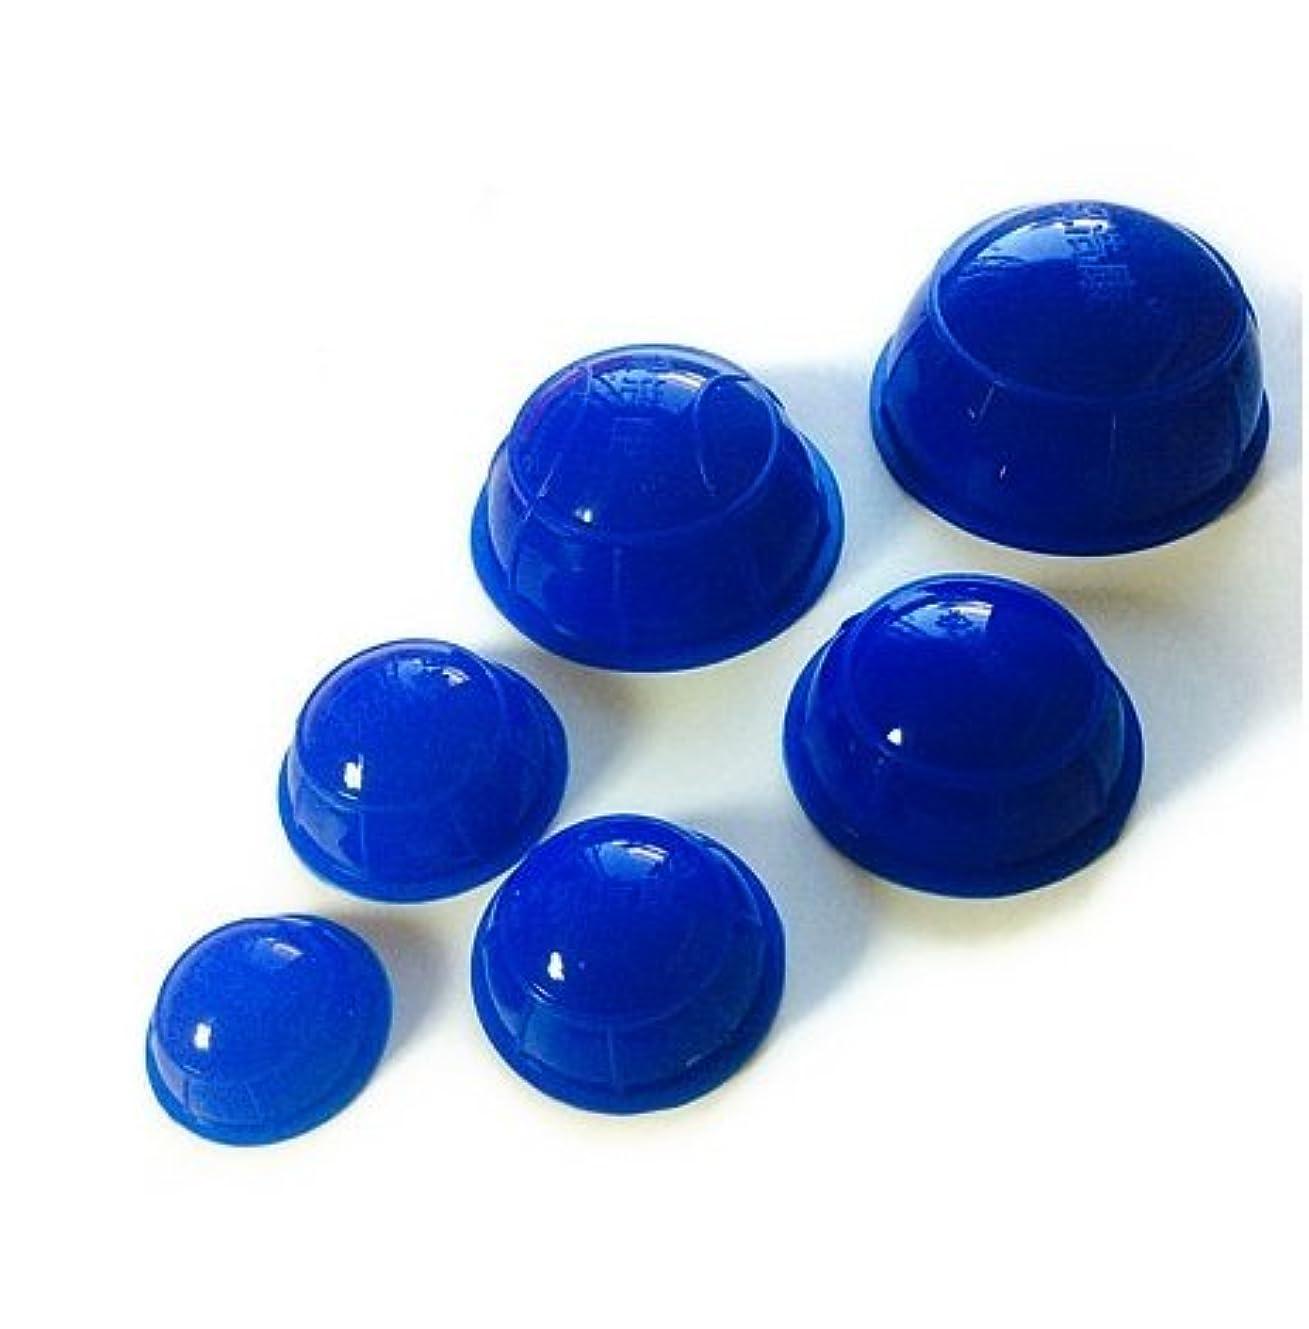 涙が出る遠近法私達簡易 吸い玉6個セット ブルー 大中小5種類の大きさ